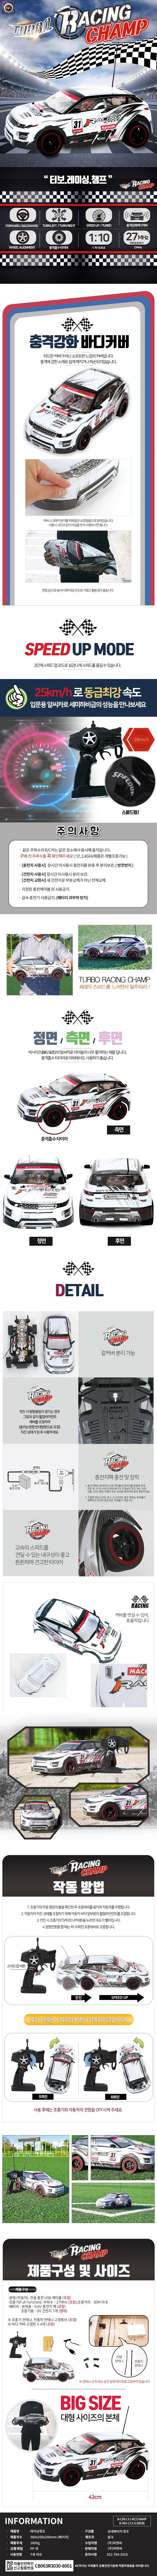 터보 레이싱챔프 무선조종 RC카 - 우토, 59,900원, R/C 카, 전동 R/C카